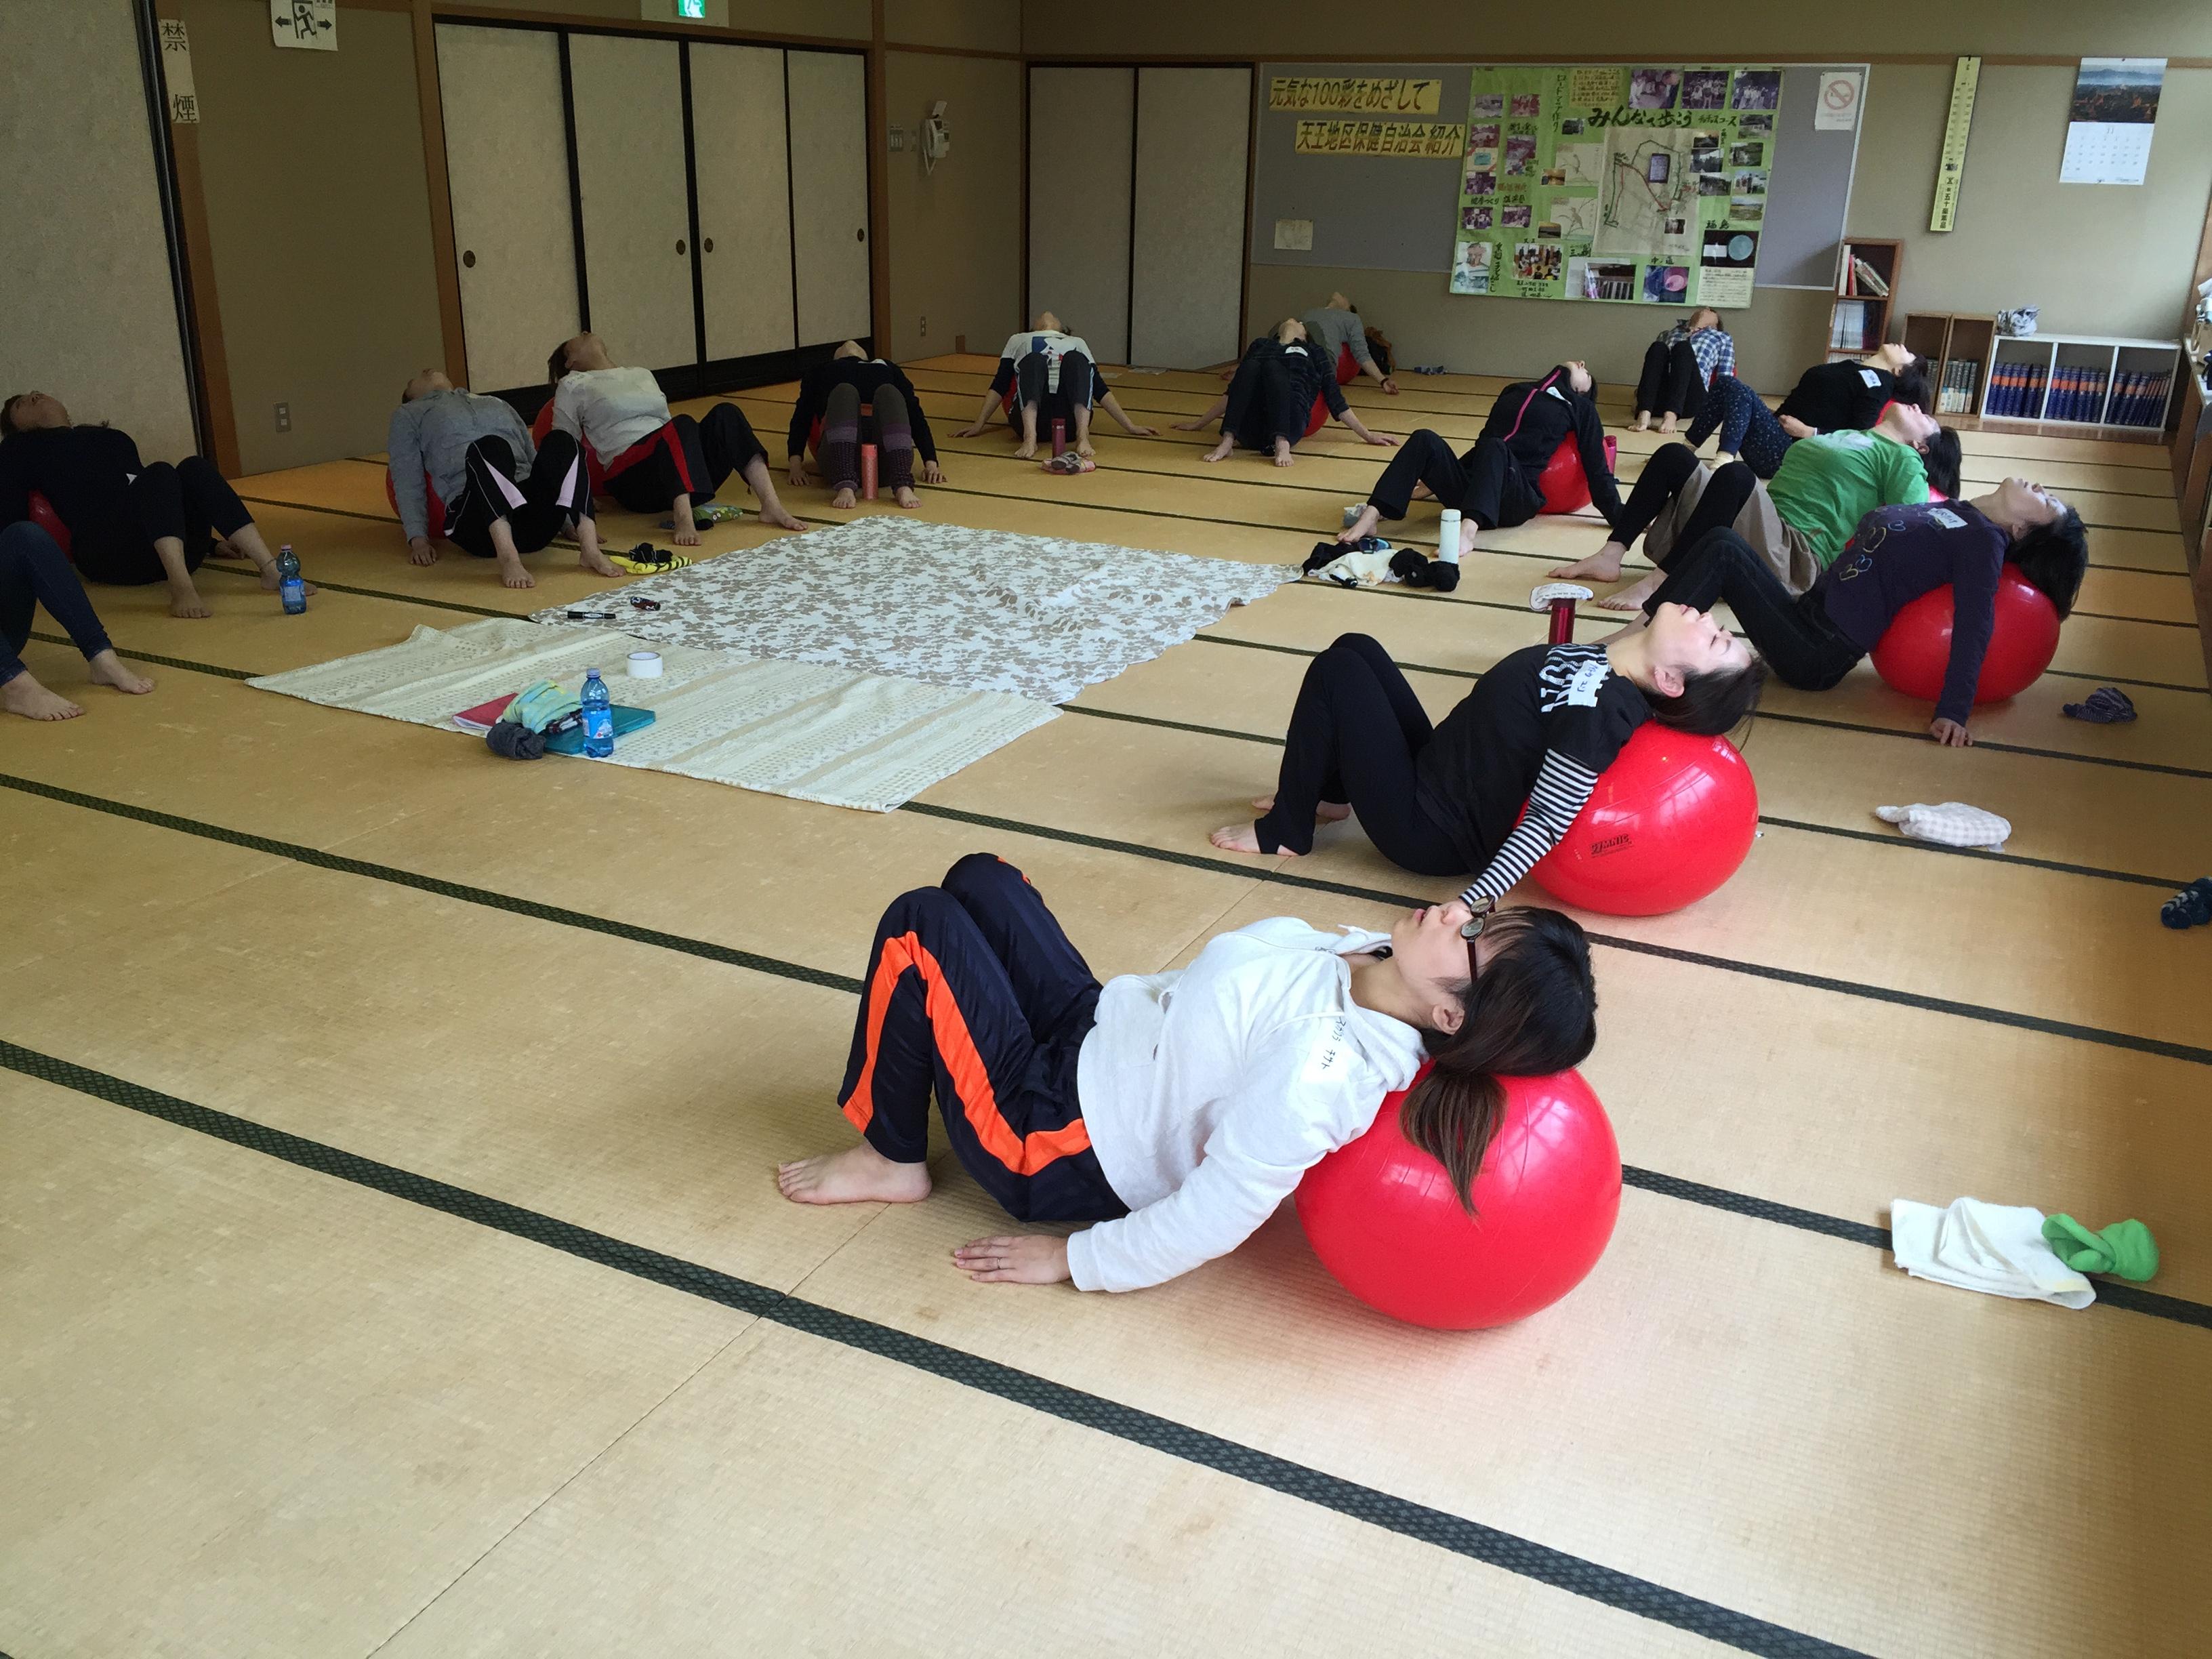 新発田市で初開催!0歳児ママのための子育て講座「産後の骨盤セルフケアを学ぼう!」